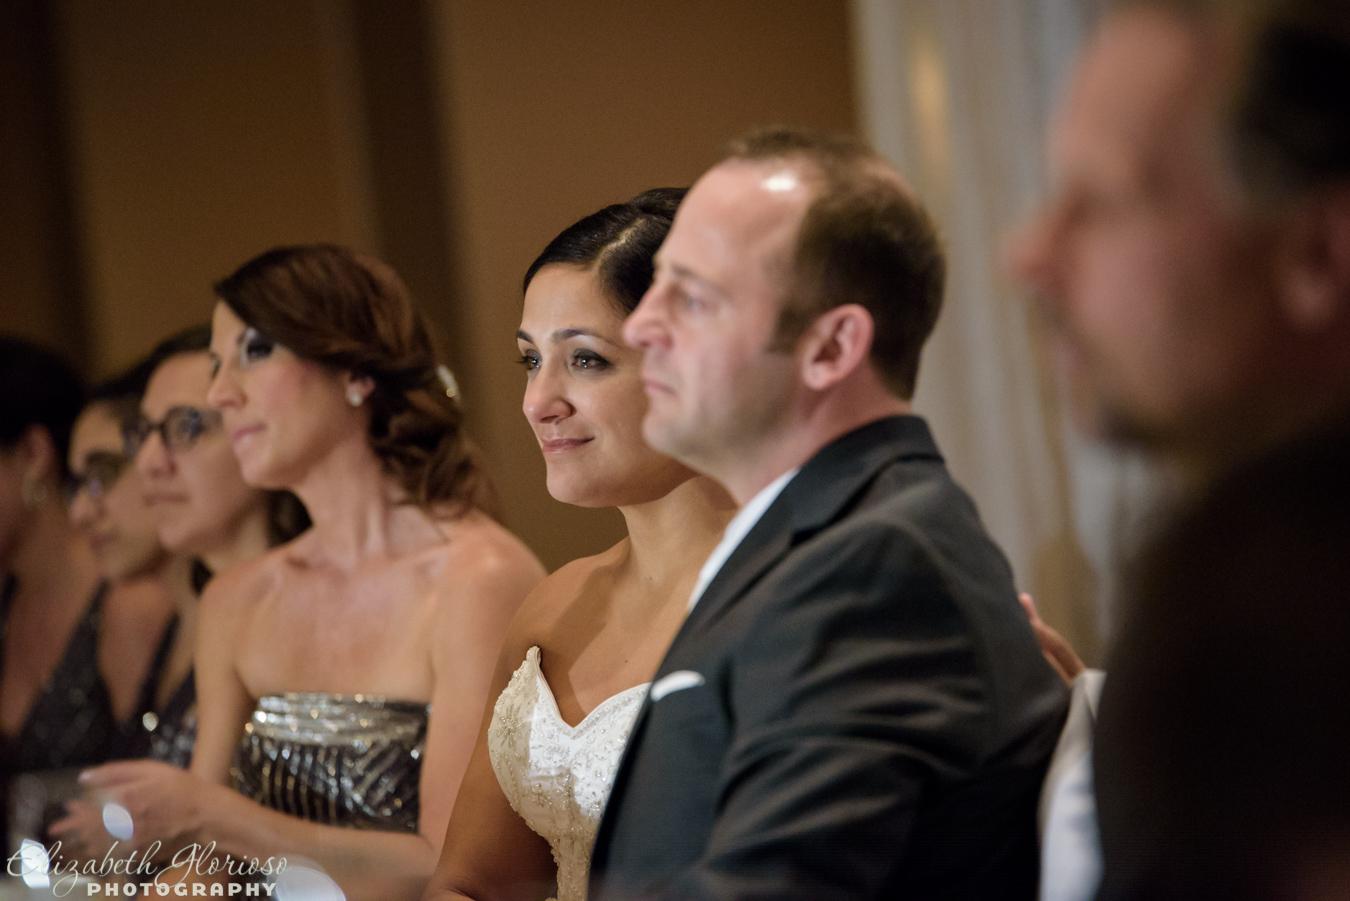 Wedding_Glorioso_Photography_Cleveland-151